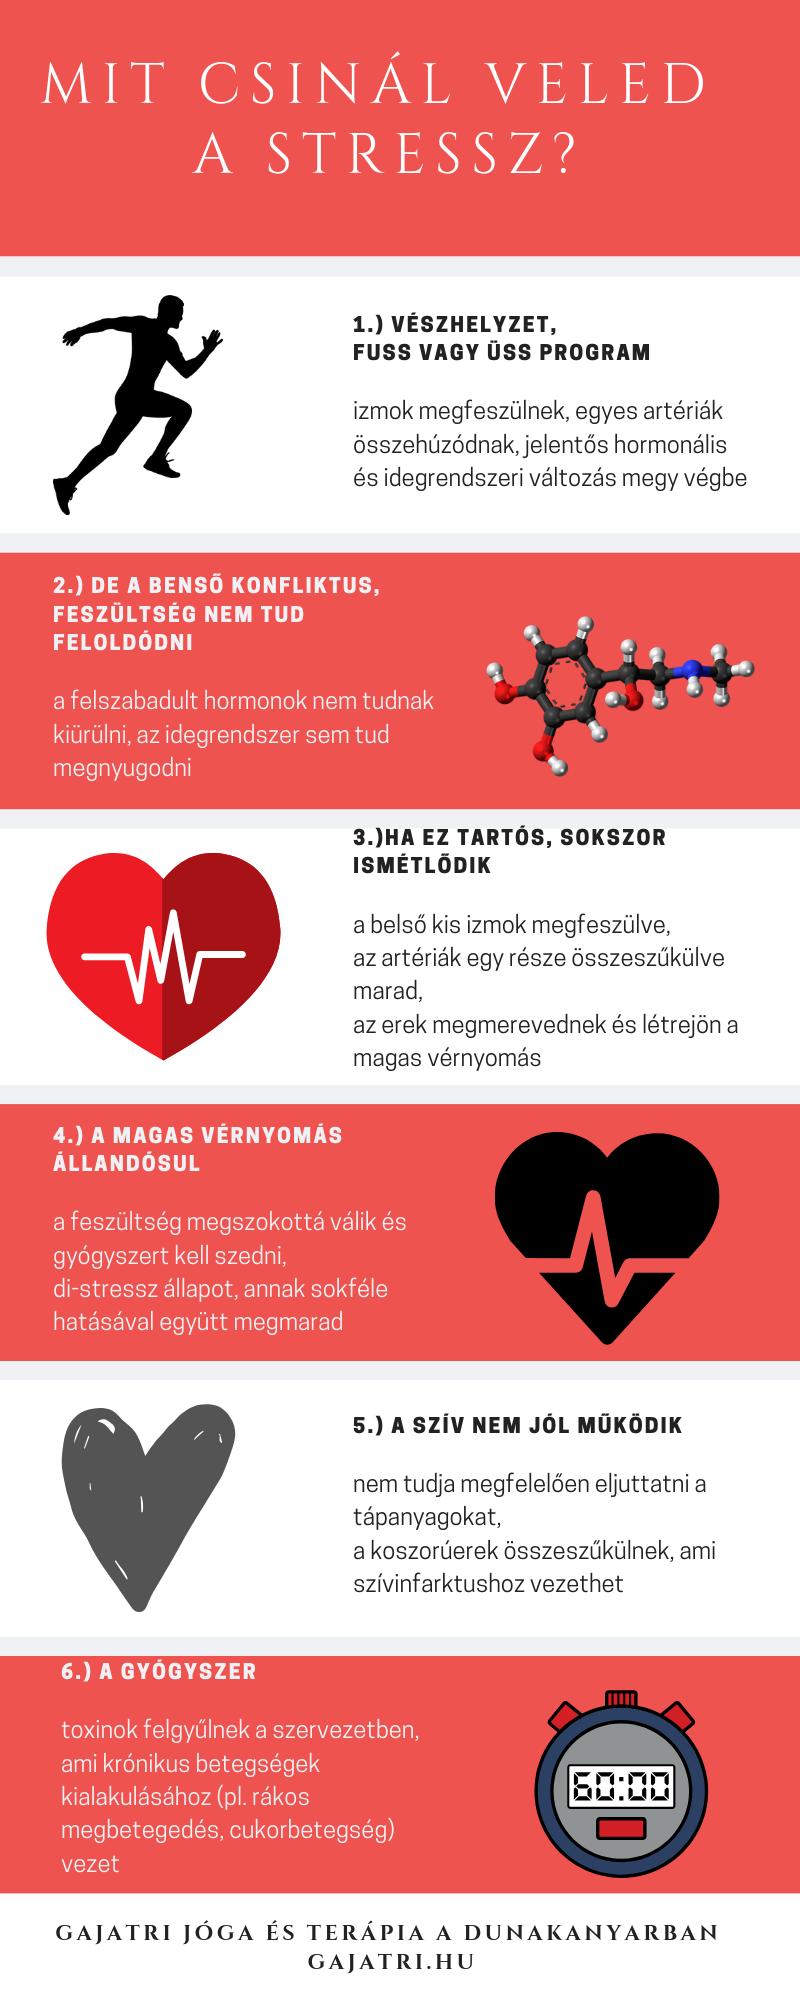 hogyan kell kezelni a pulmonalis hipertóniát a magas vérnyomás és a stroke megelőzése